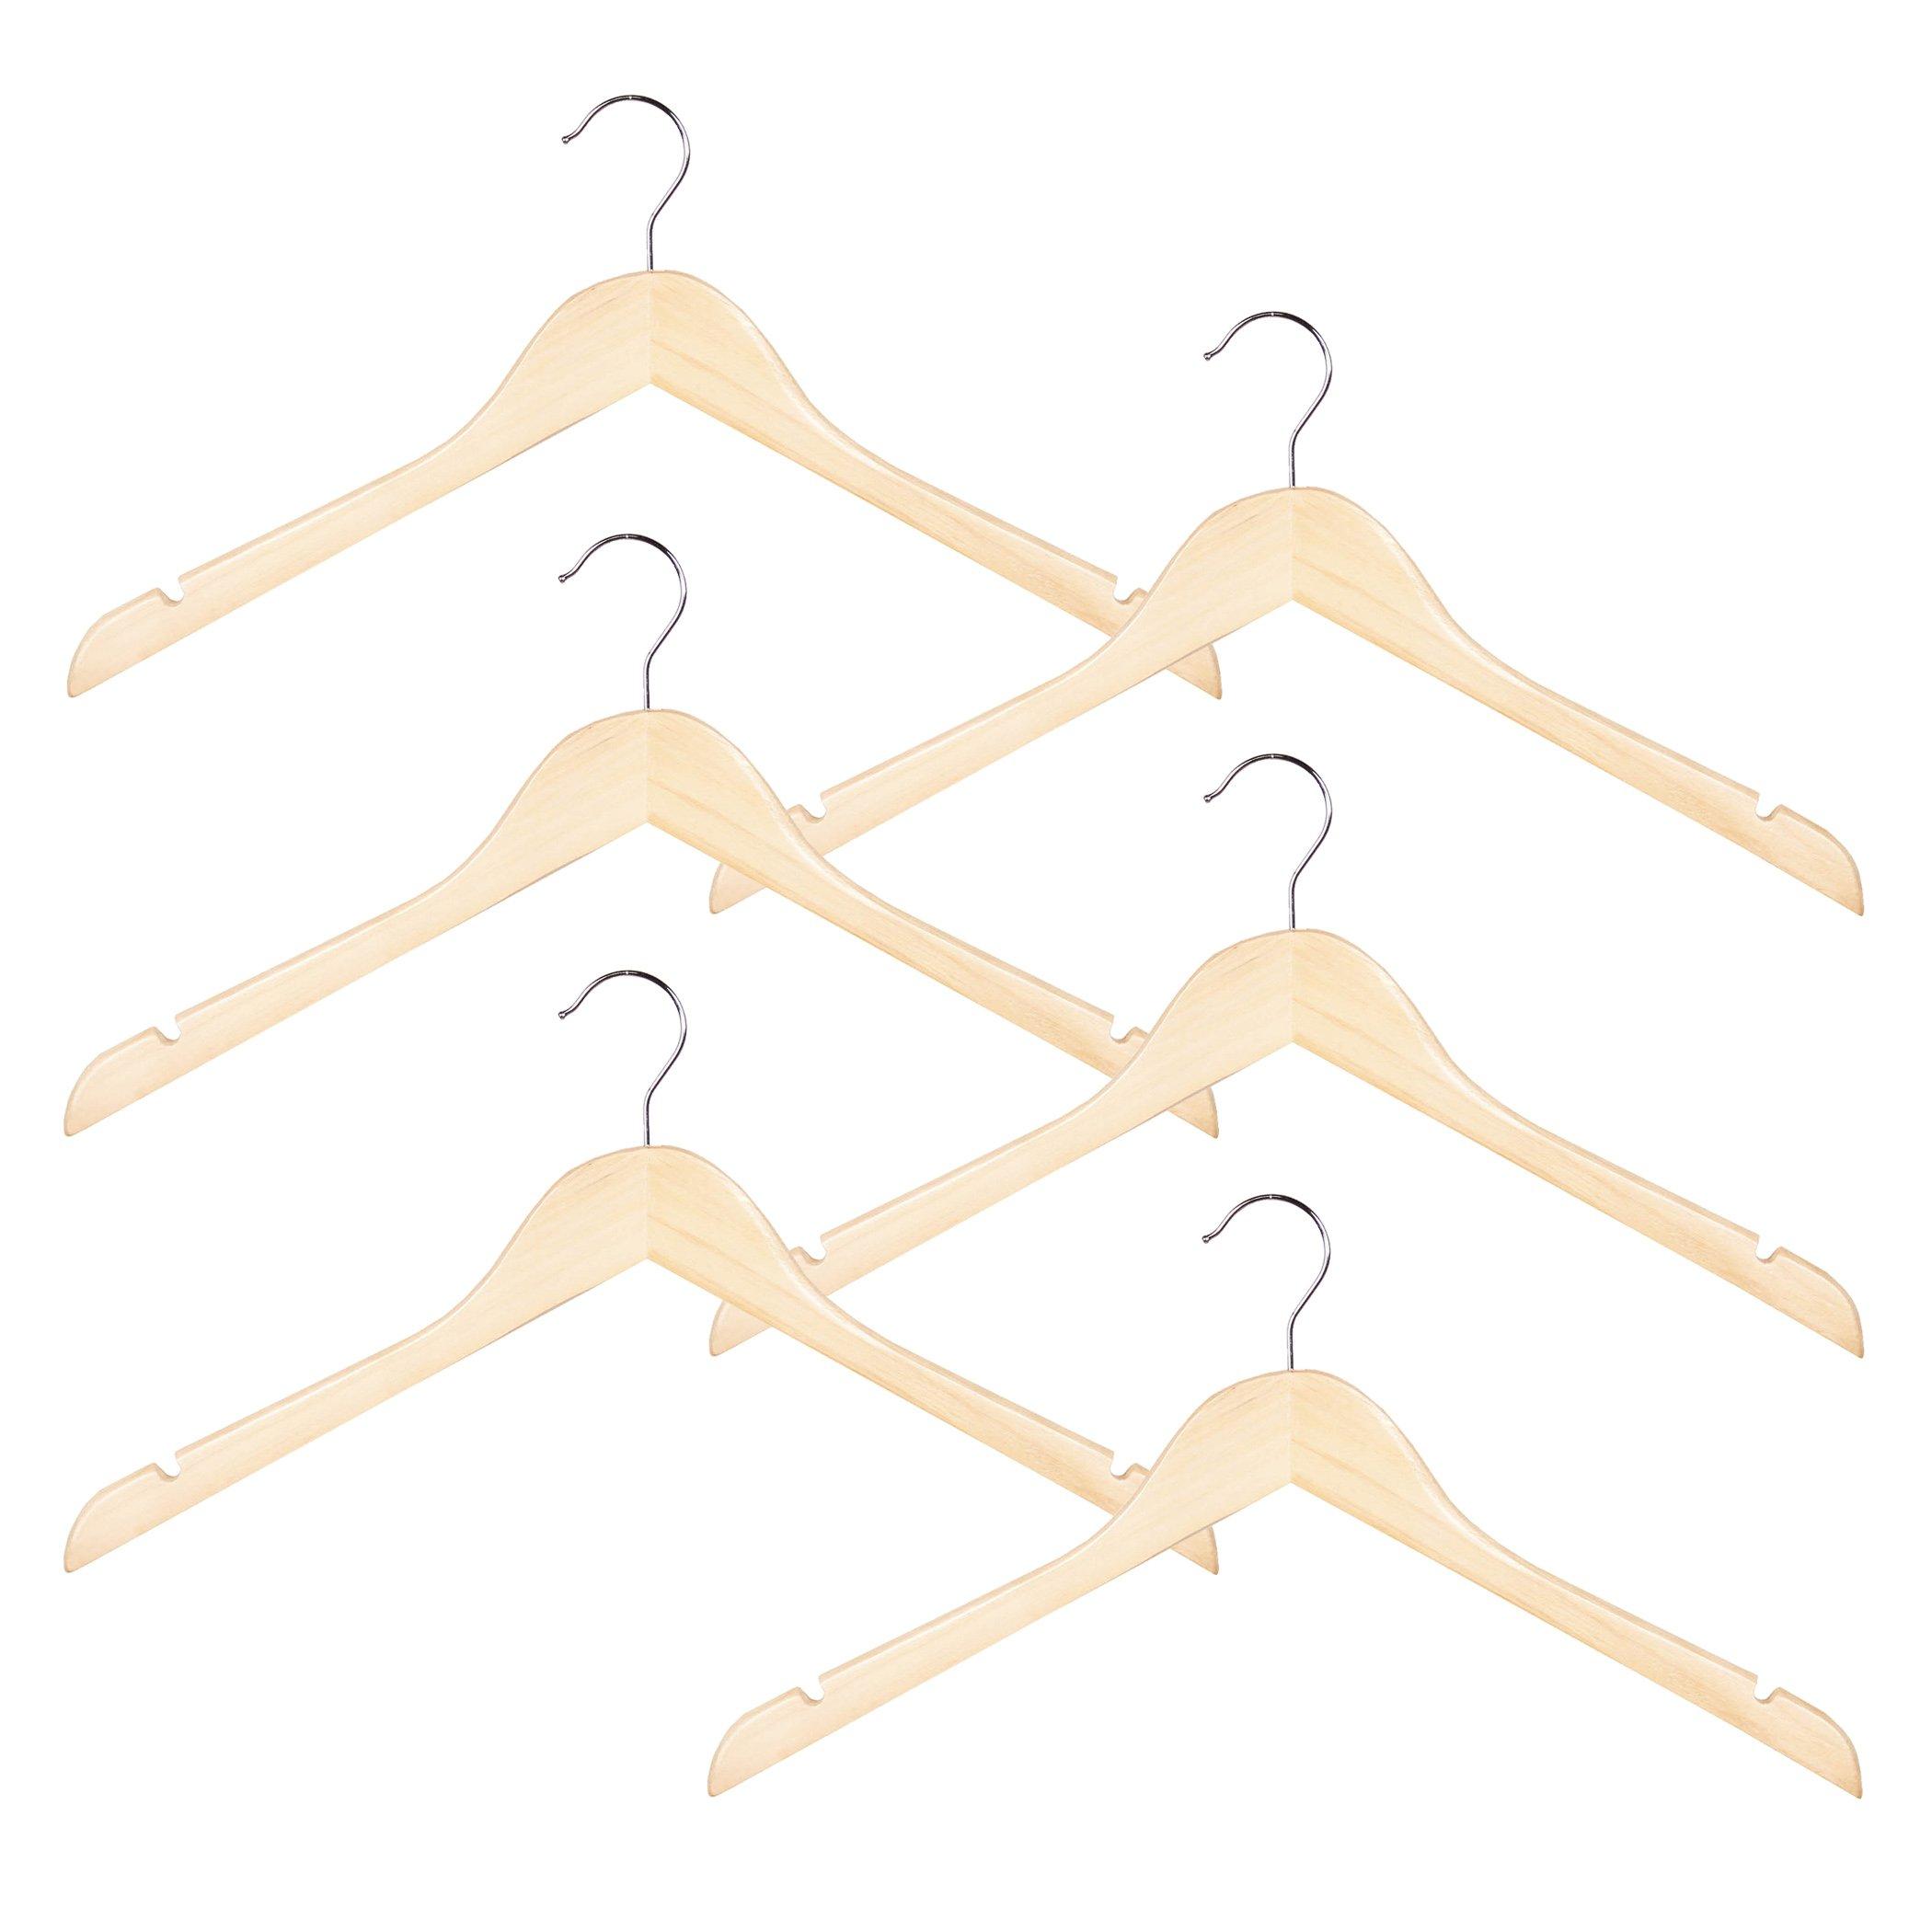 Richards Homewares Imperial/Juvenile Shirt/Coat Hanger Set/6 Wood Children's (Set of 6)